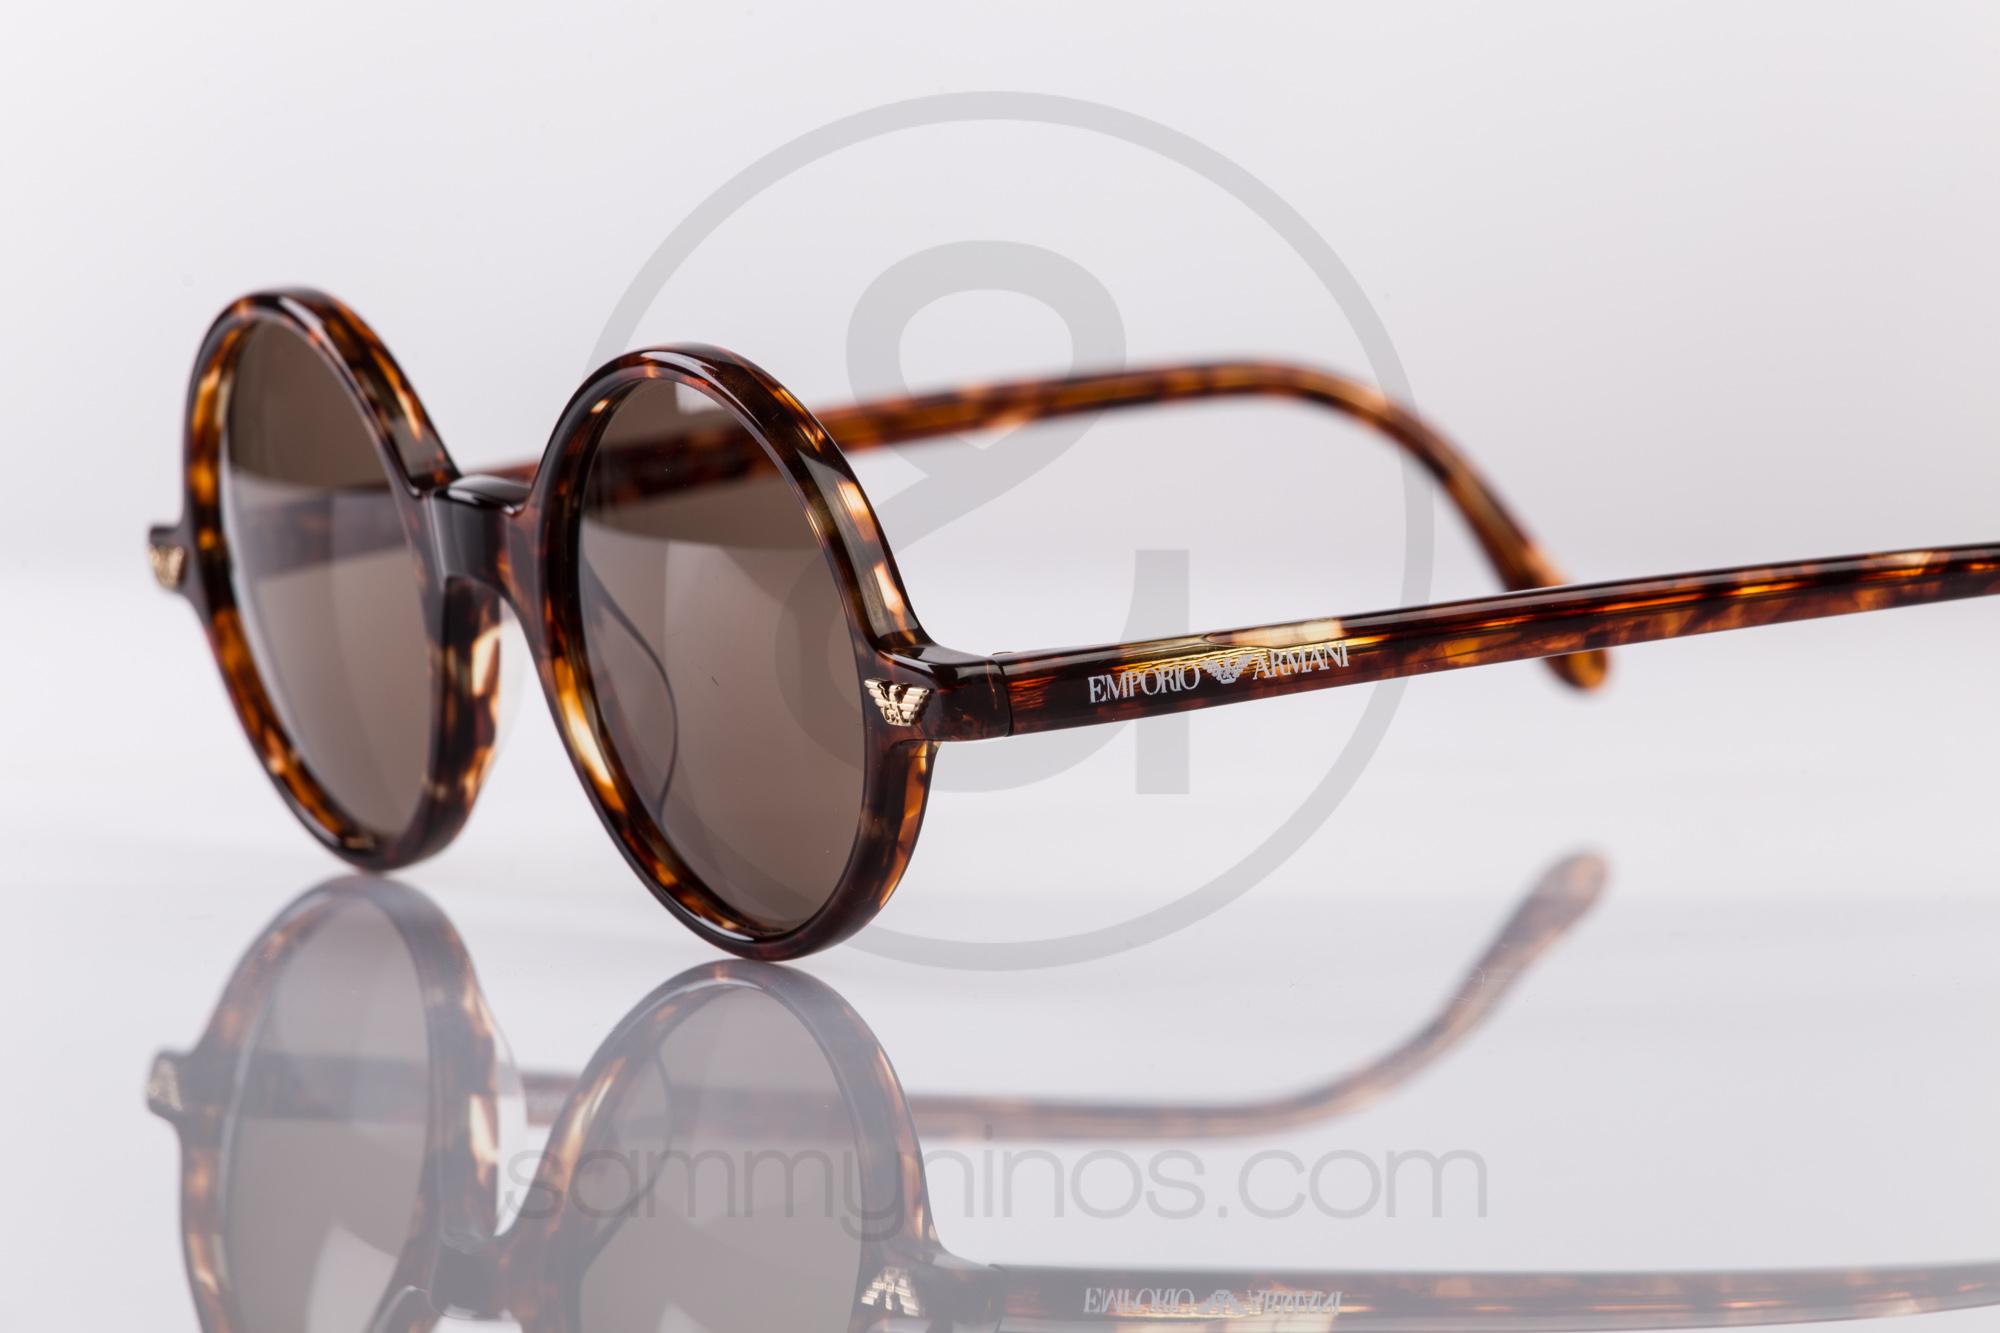 4a96a0e0f03 Vintage Giorgio Armani Sunglasses